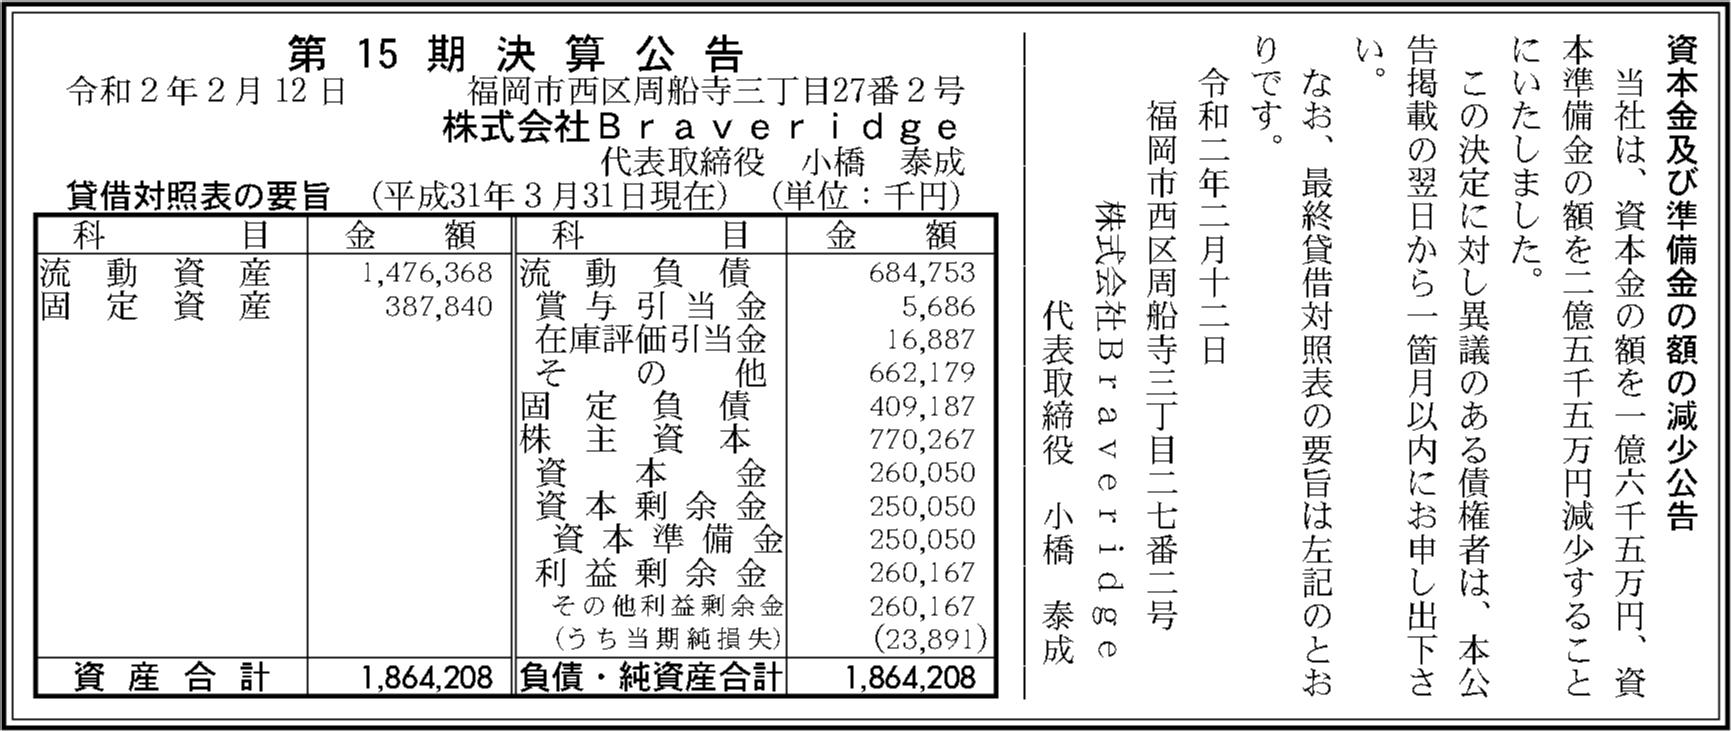 0058 4e3f268644b331daec98bd9963e48319b2b4ea620dfbf99c36b4a466249a18251bf33edc6621dca1325672bfd7880286cd133bdb39622c4b8261ddf8a0c4ad9d 07